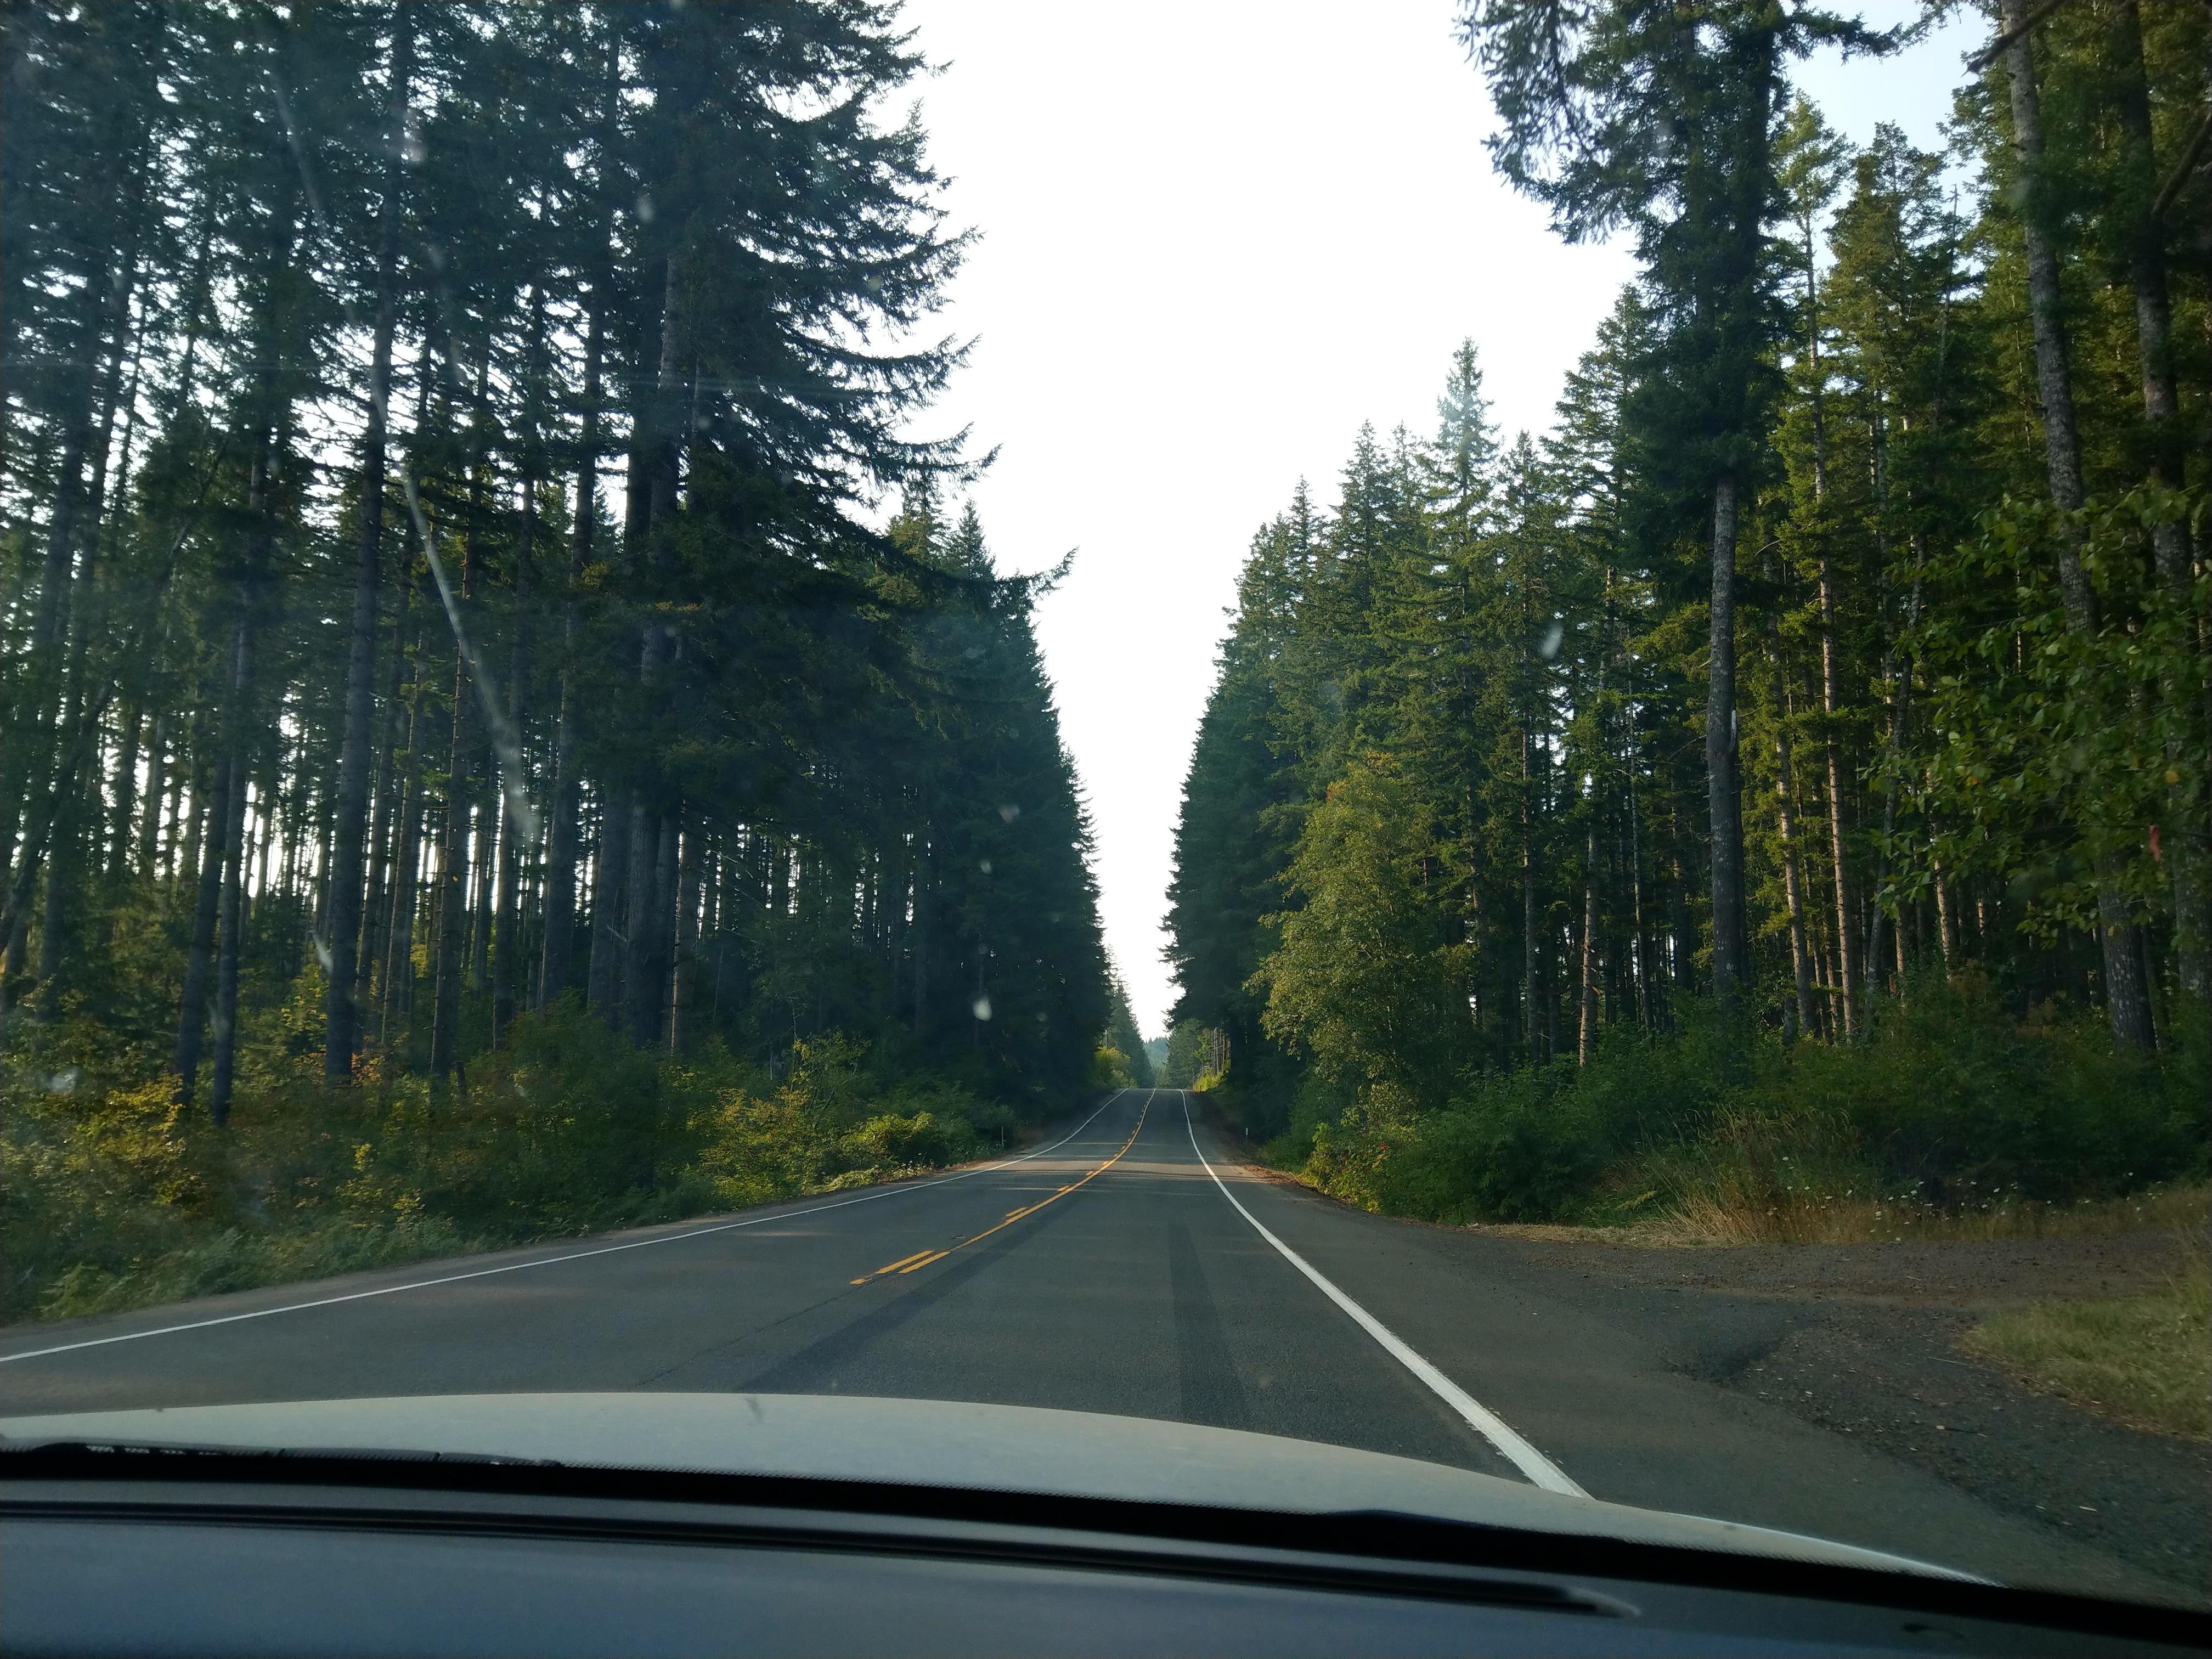 Oregon greenery